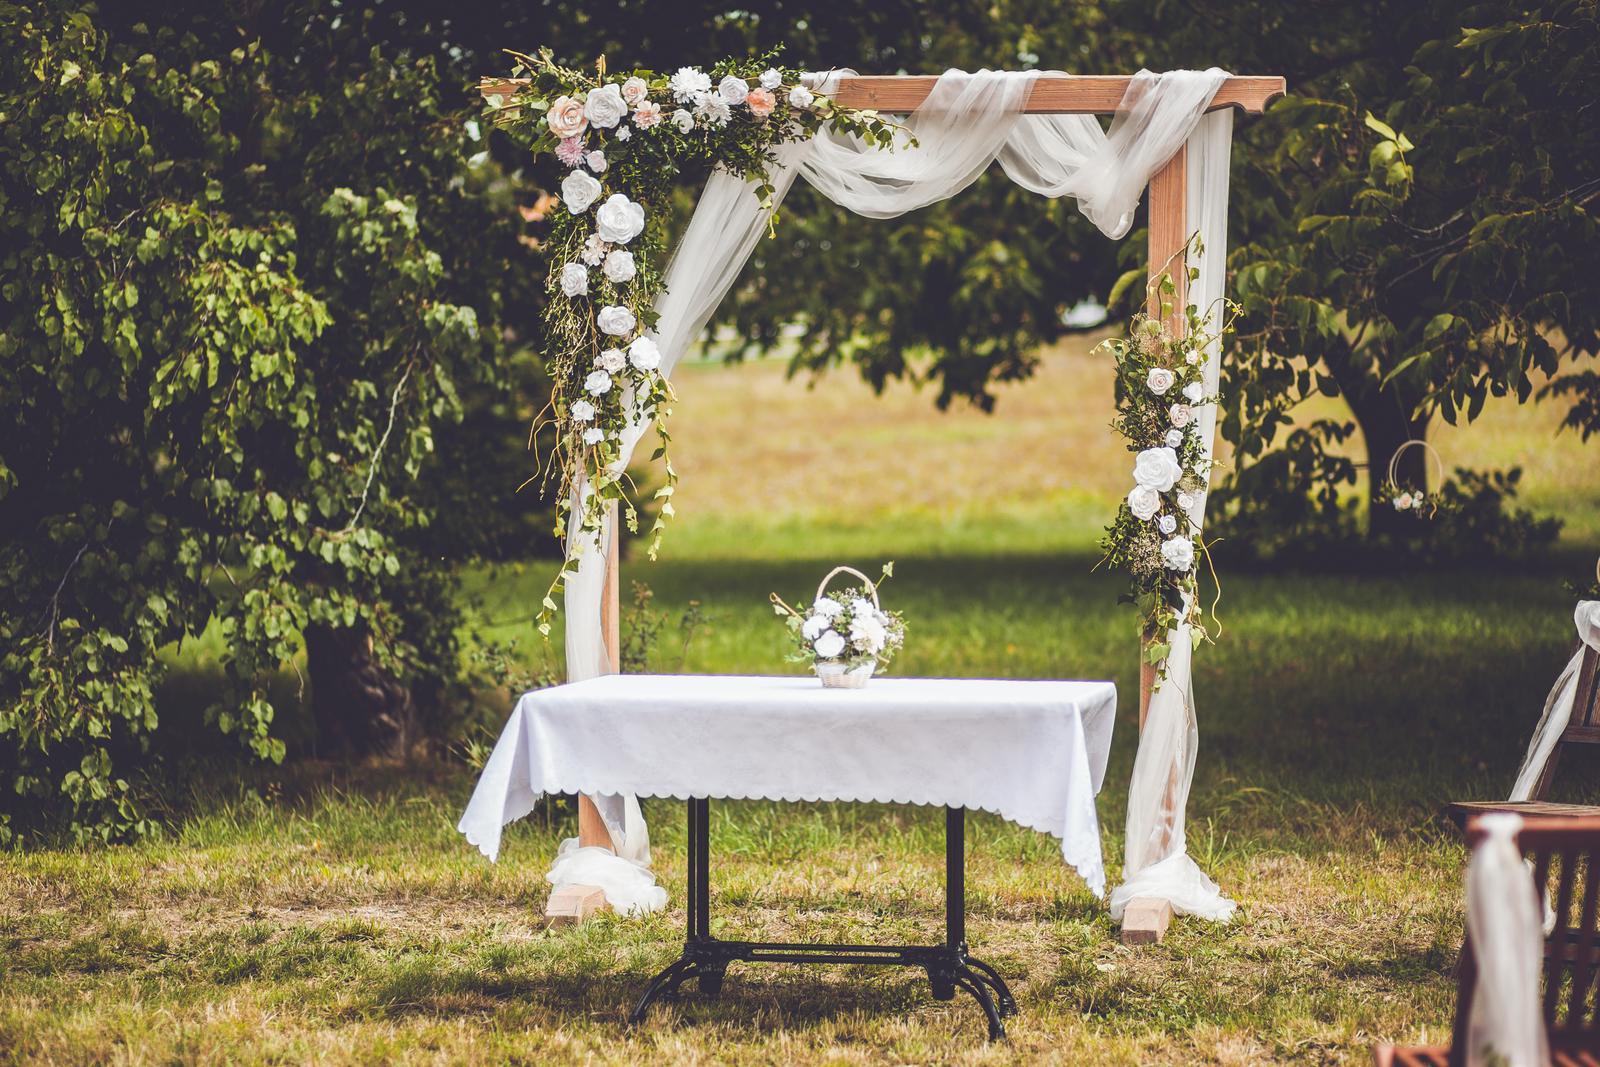 Dekorace na svatební bránu - Obrázek č. 1